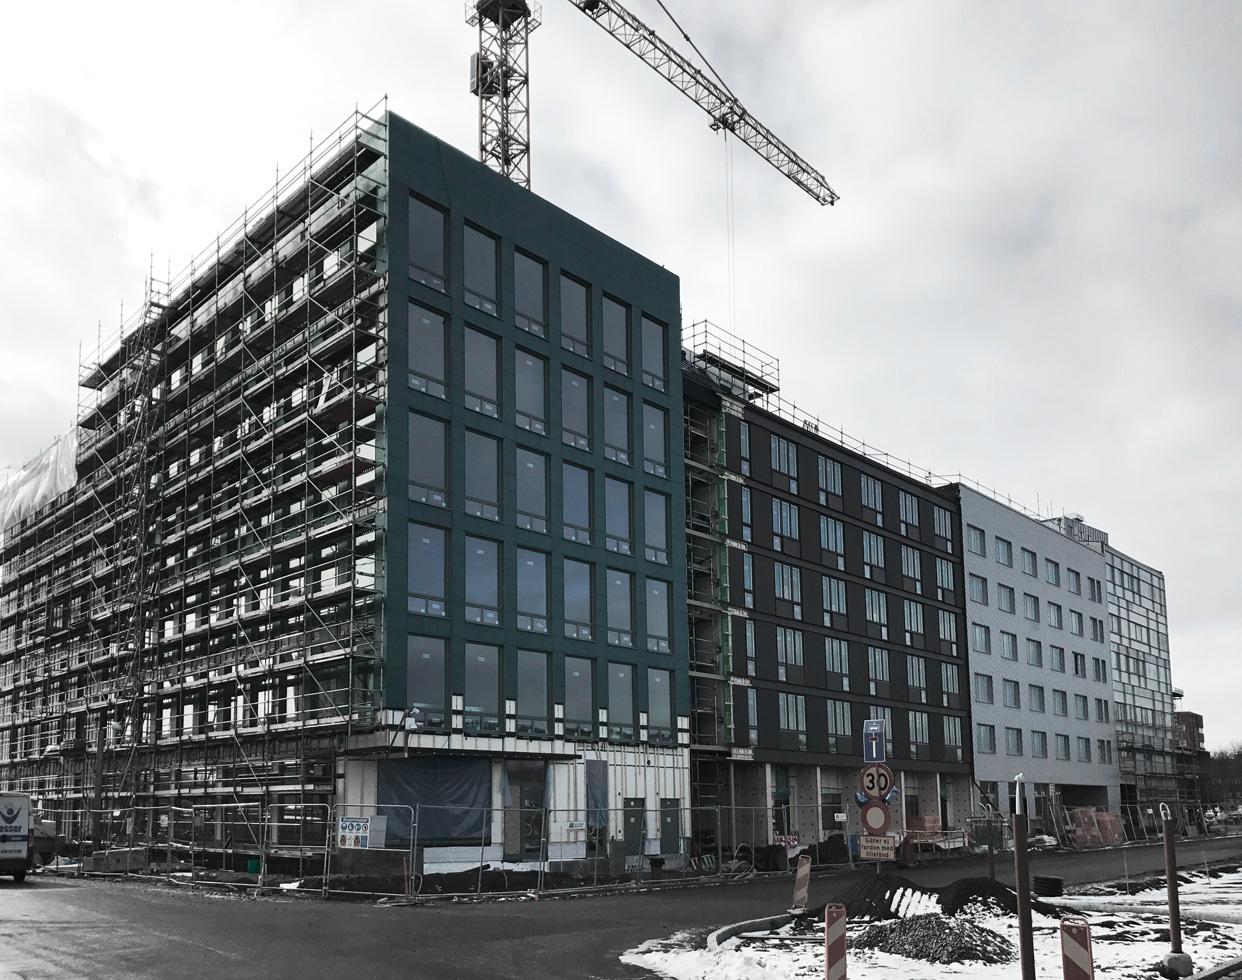 Vallastaden_Linkoping_Stadsutveckling_byggbild_varg_arkitekter